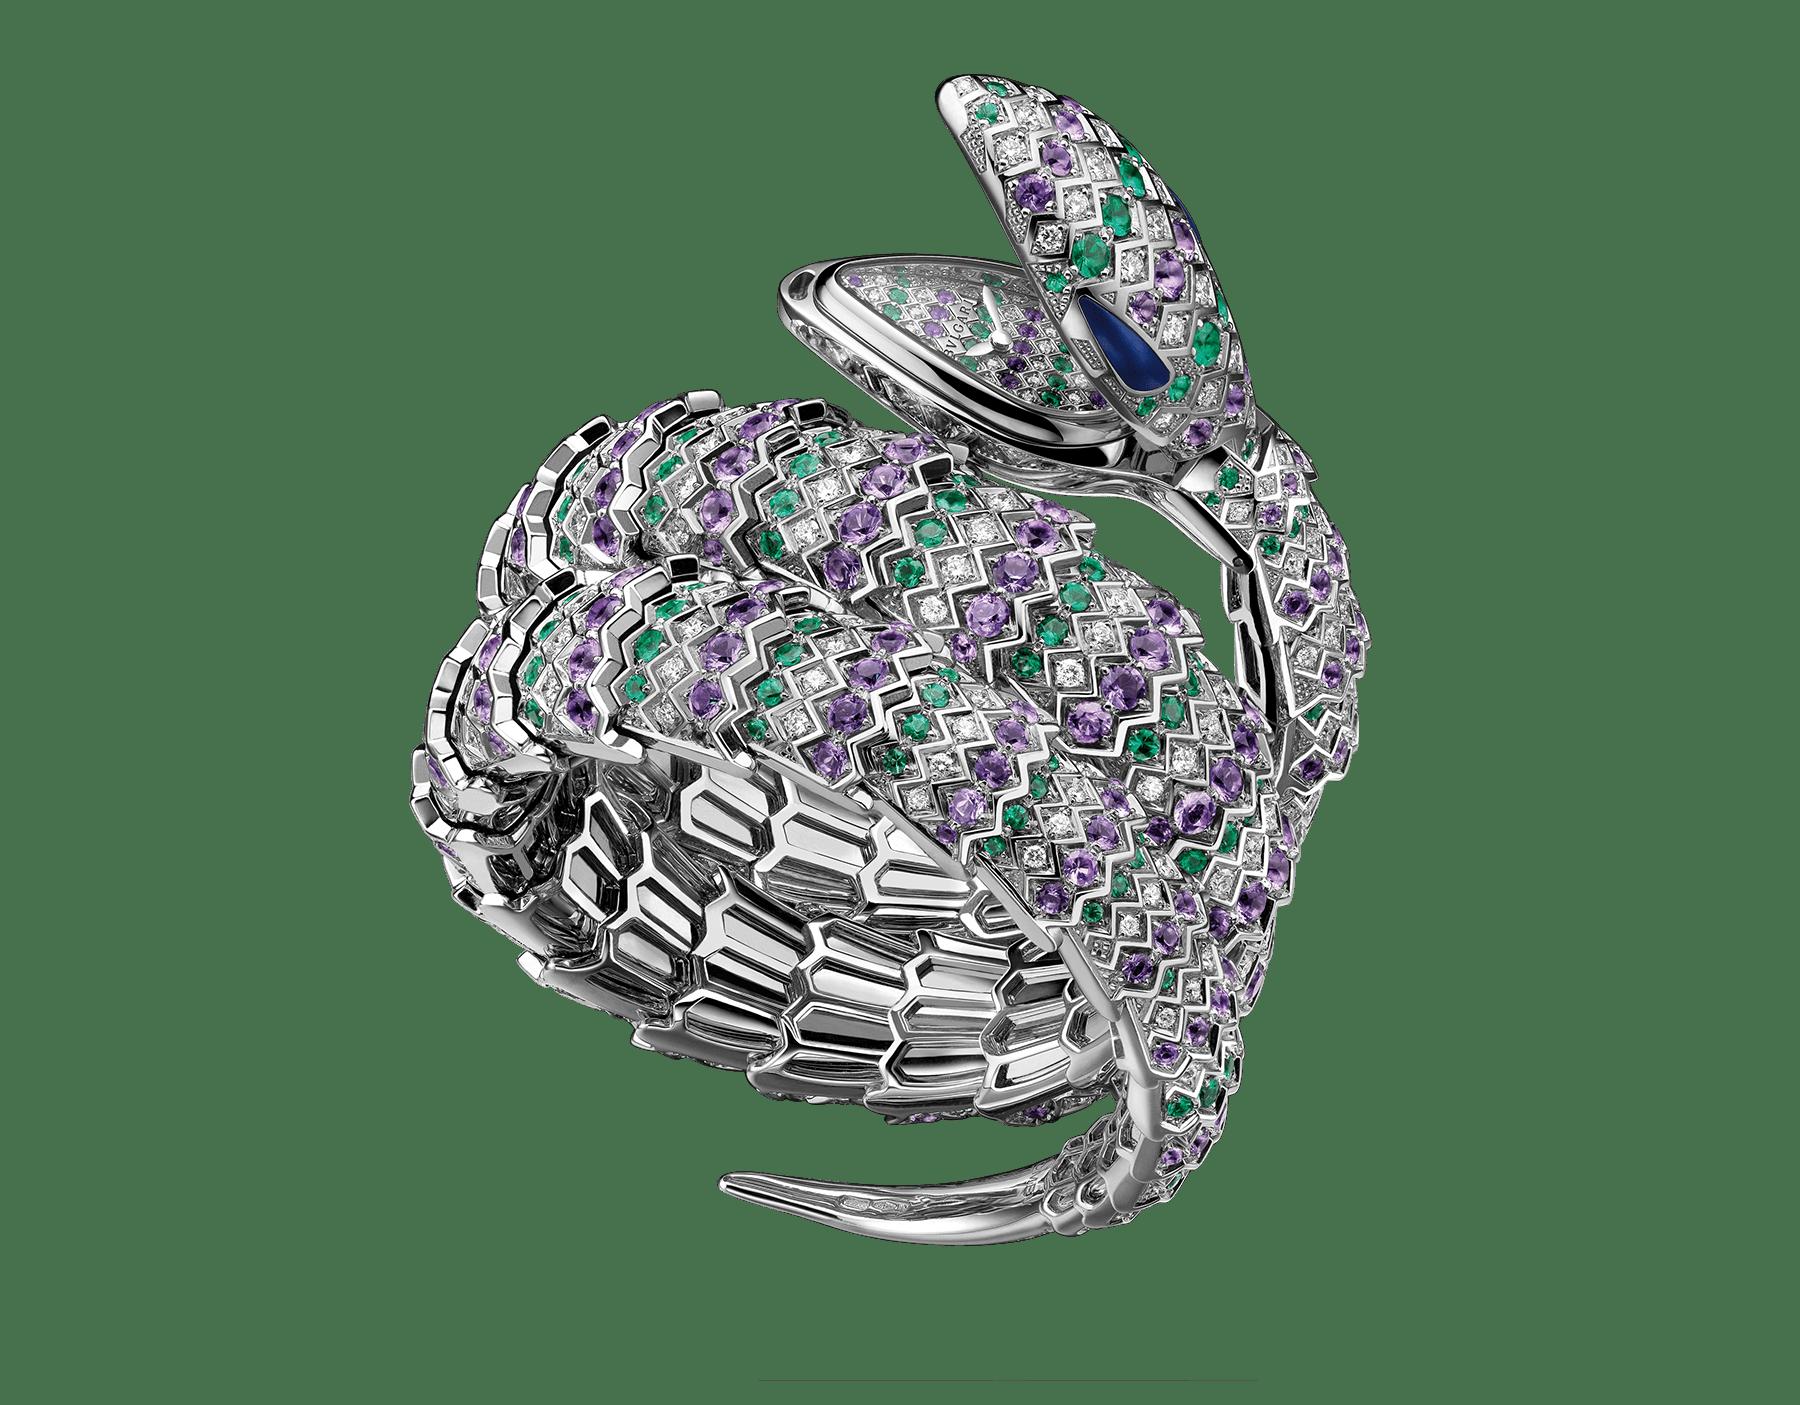 Relógio Secreto Serpenti com cabeça em ouro branco 18K cravejado com diamantes lapidação brilhante, ametistas, esmeraldas e olhos de malaquita, caixa em ouro branco 18K, mostrador e pulseira de duas voltas em ouro branco 18K cravejados com diamantes lapidação brilhante, ametistas e esmeraldas. 101864 image 1